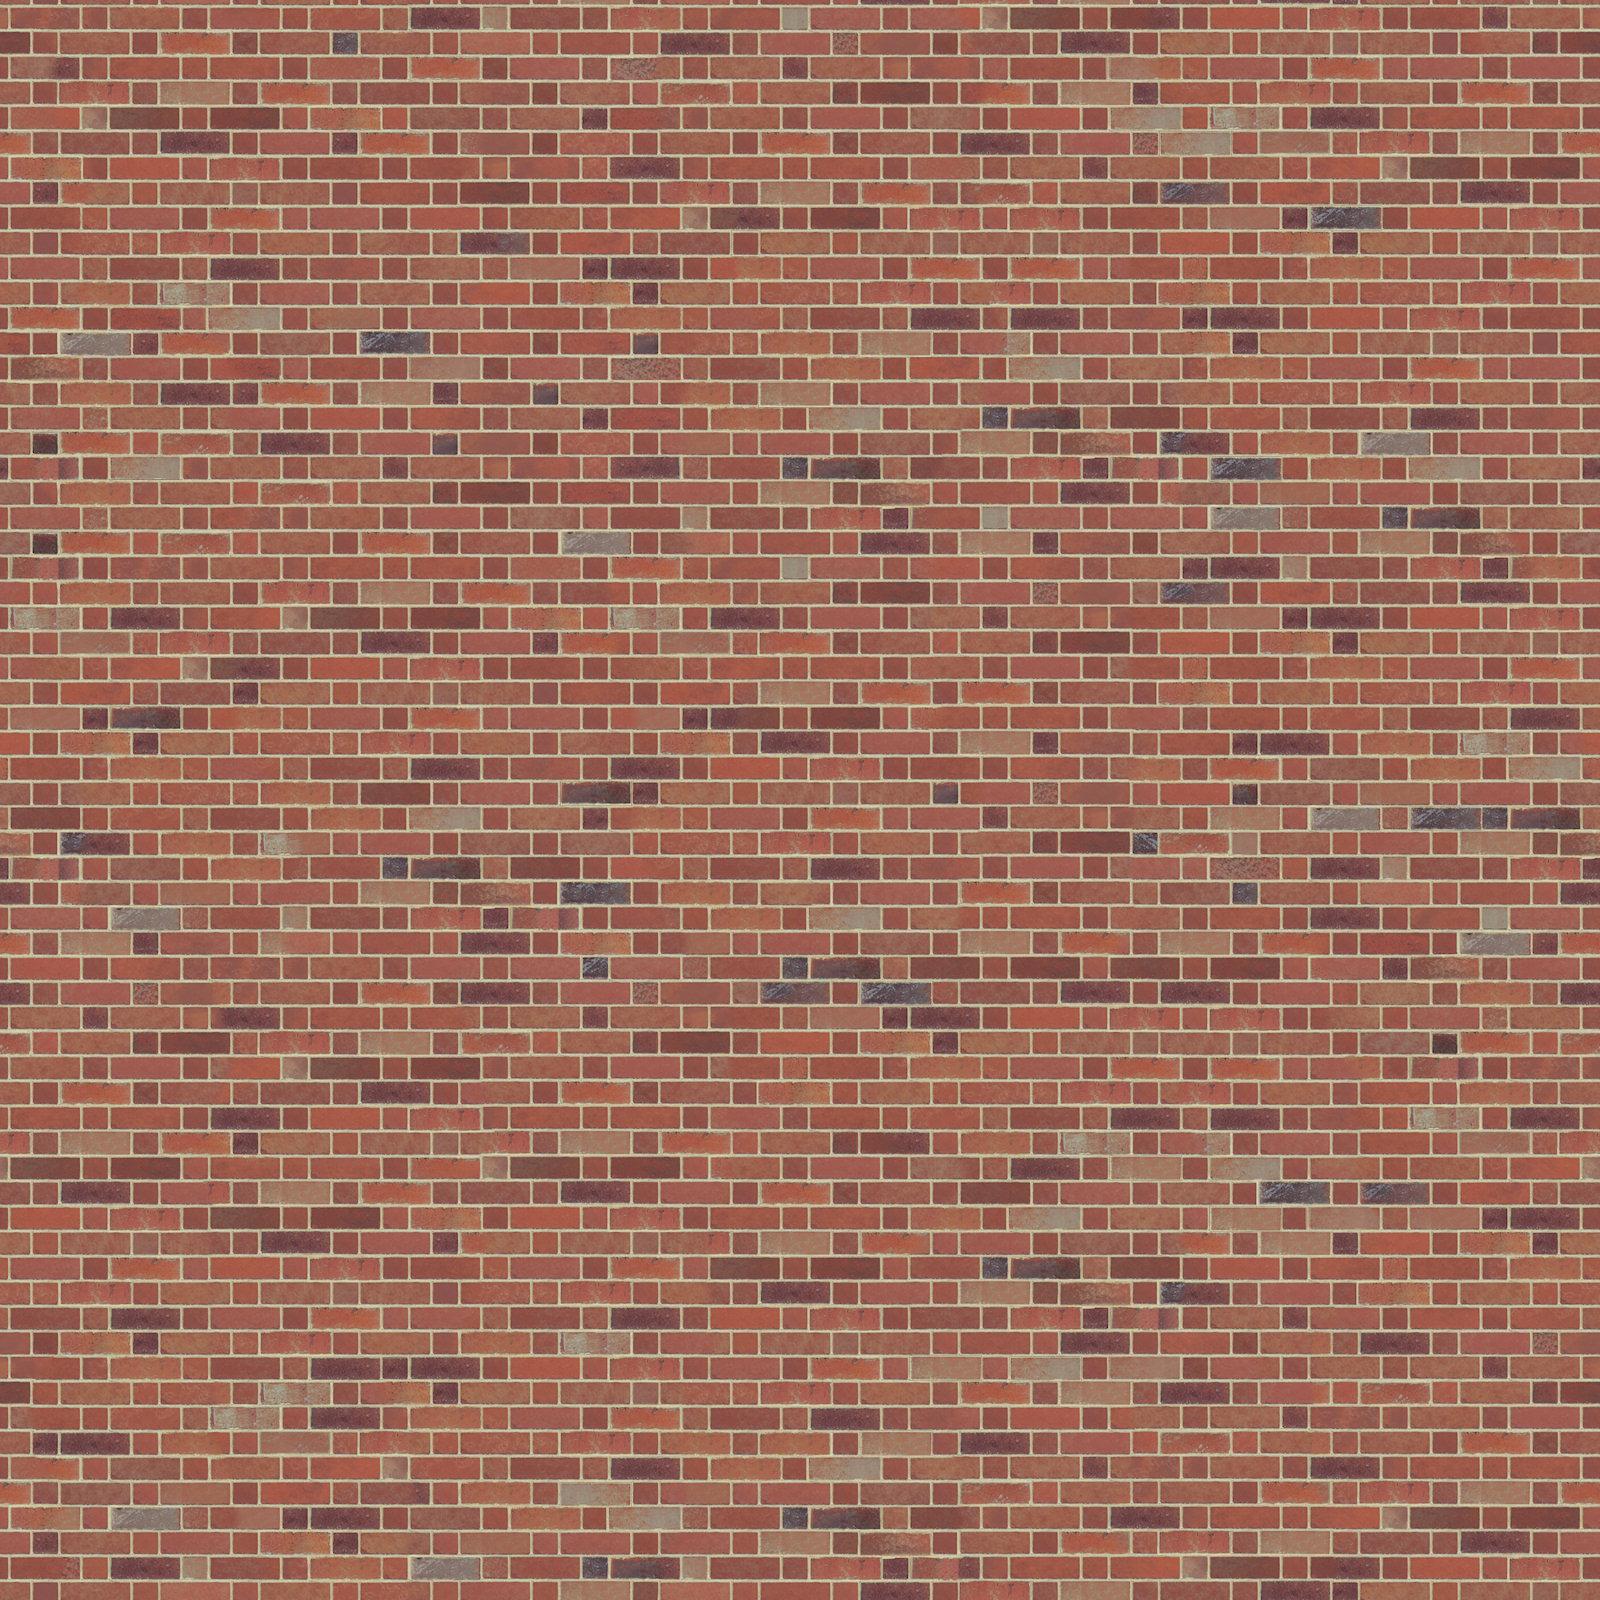 3d Wall Tiles Texture